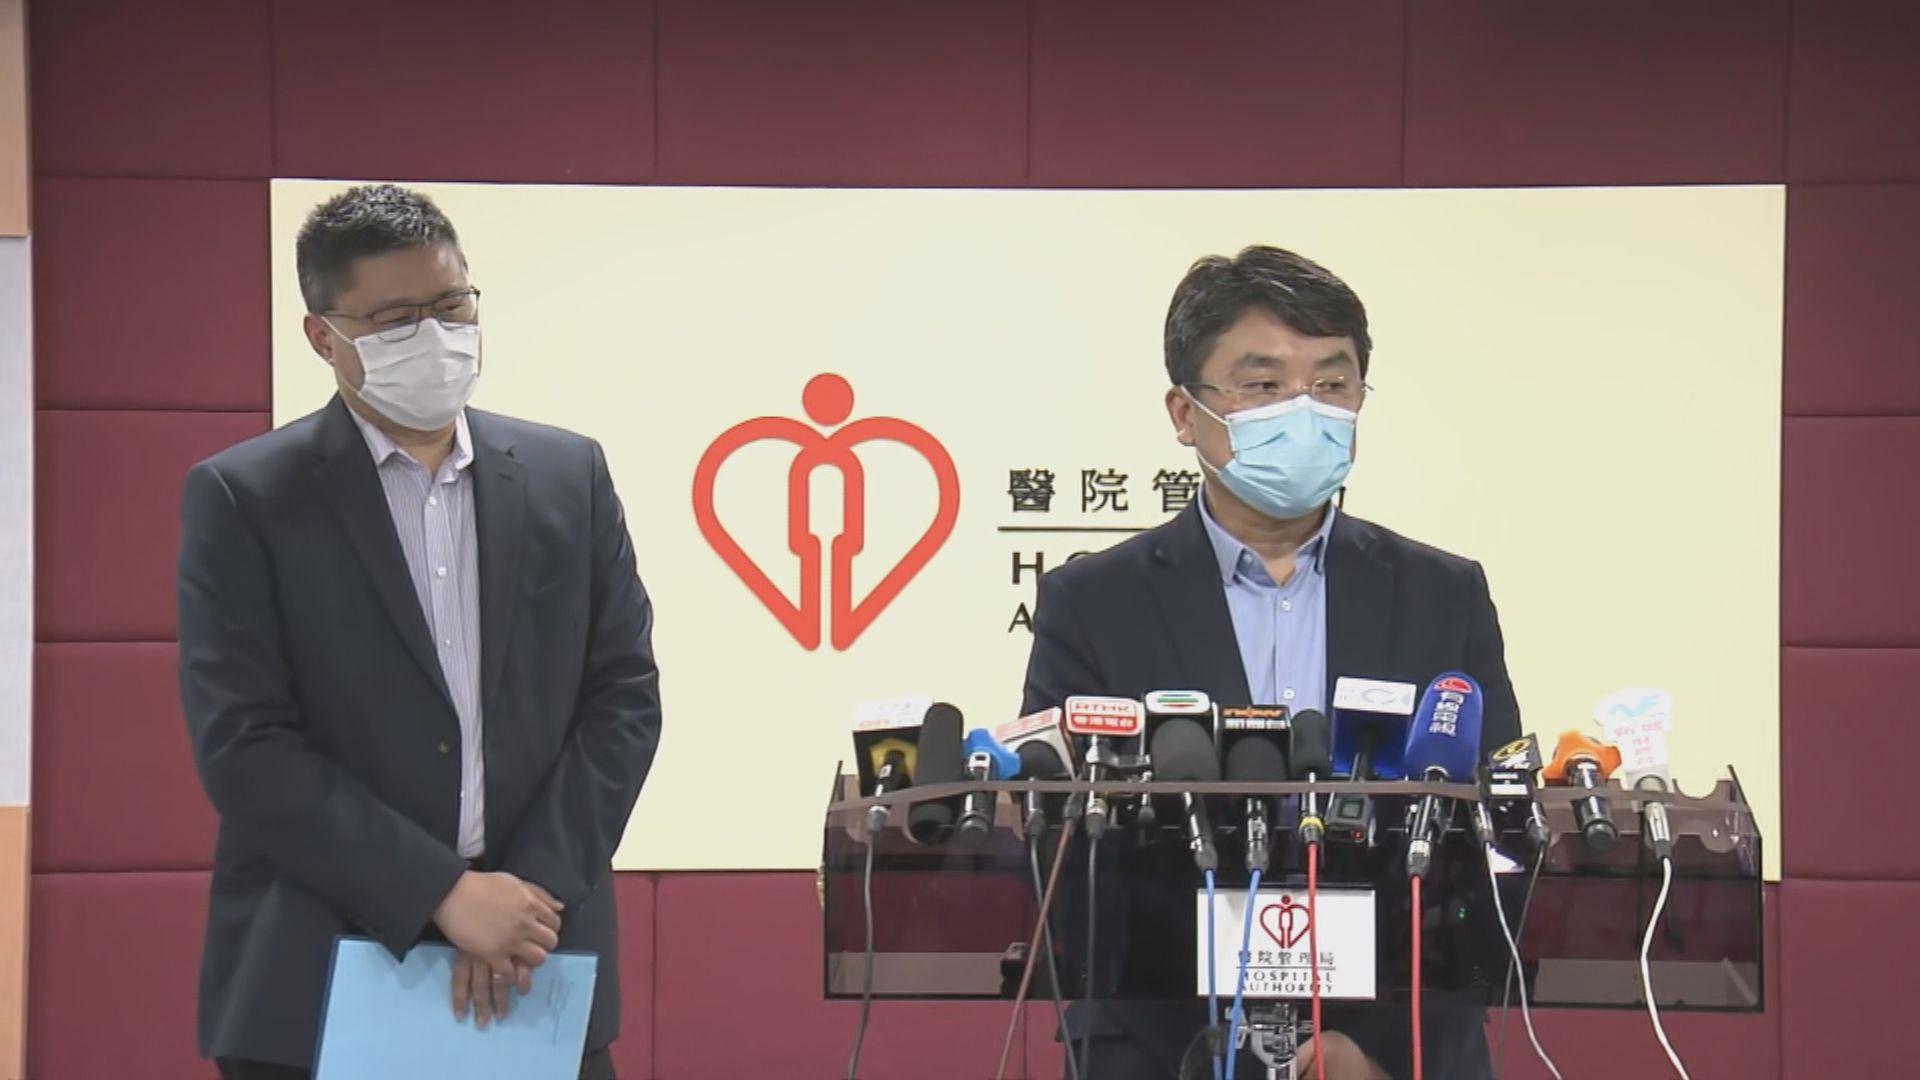 醫管局:若罷工持續不排除關閉部分緊急服務